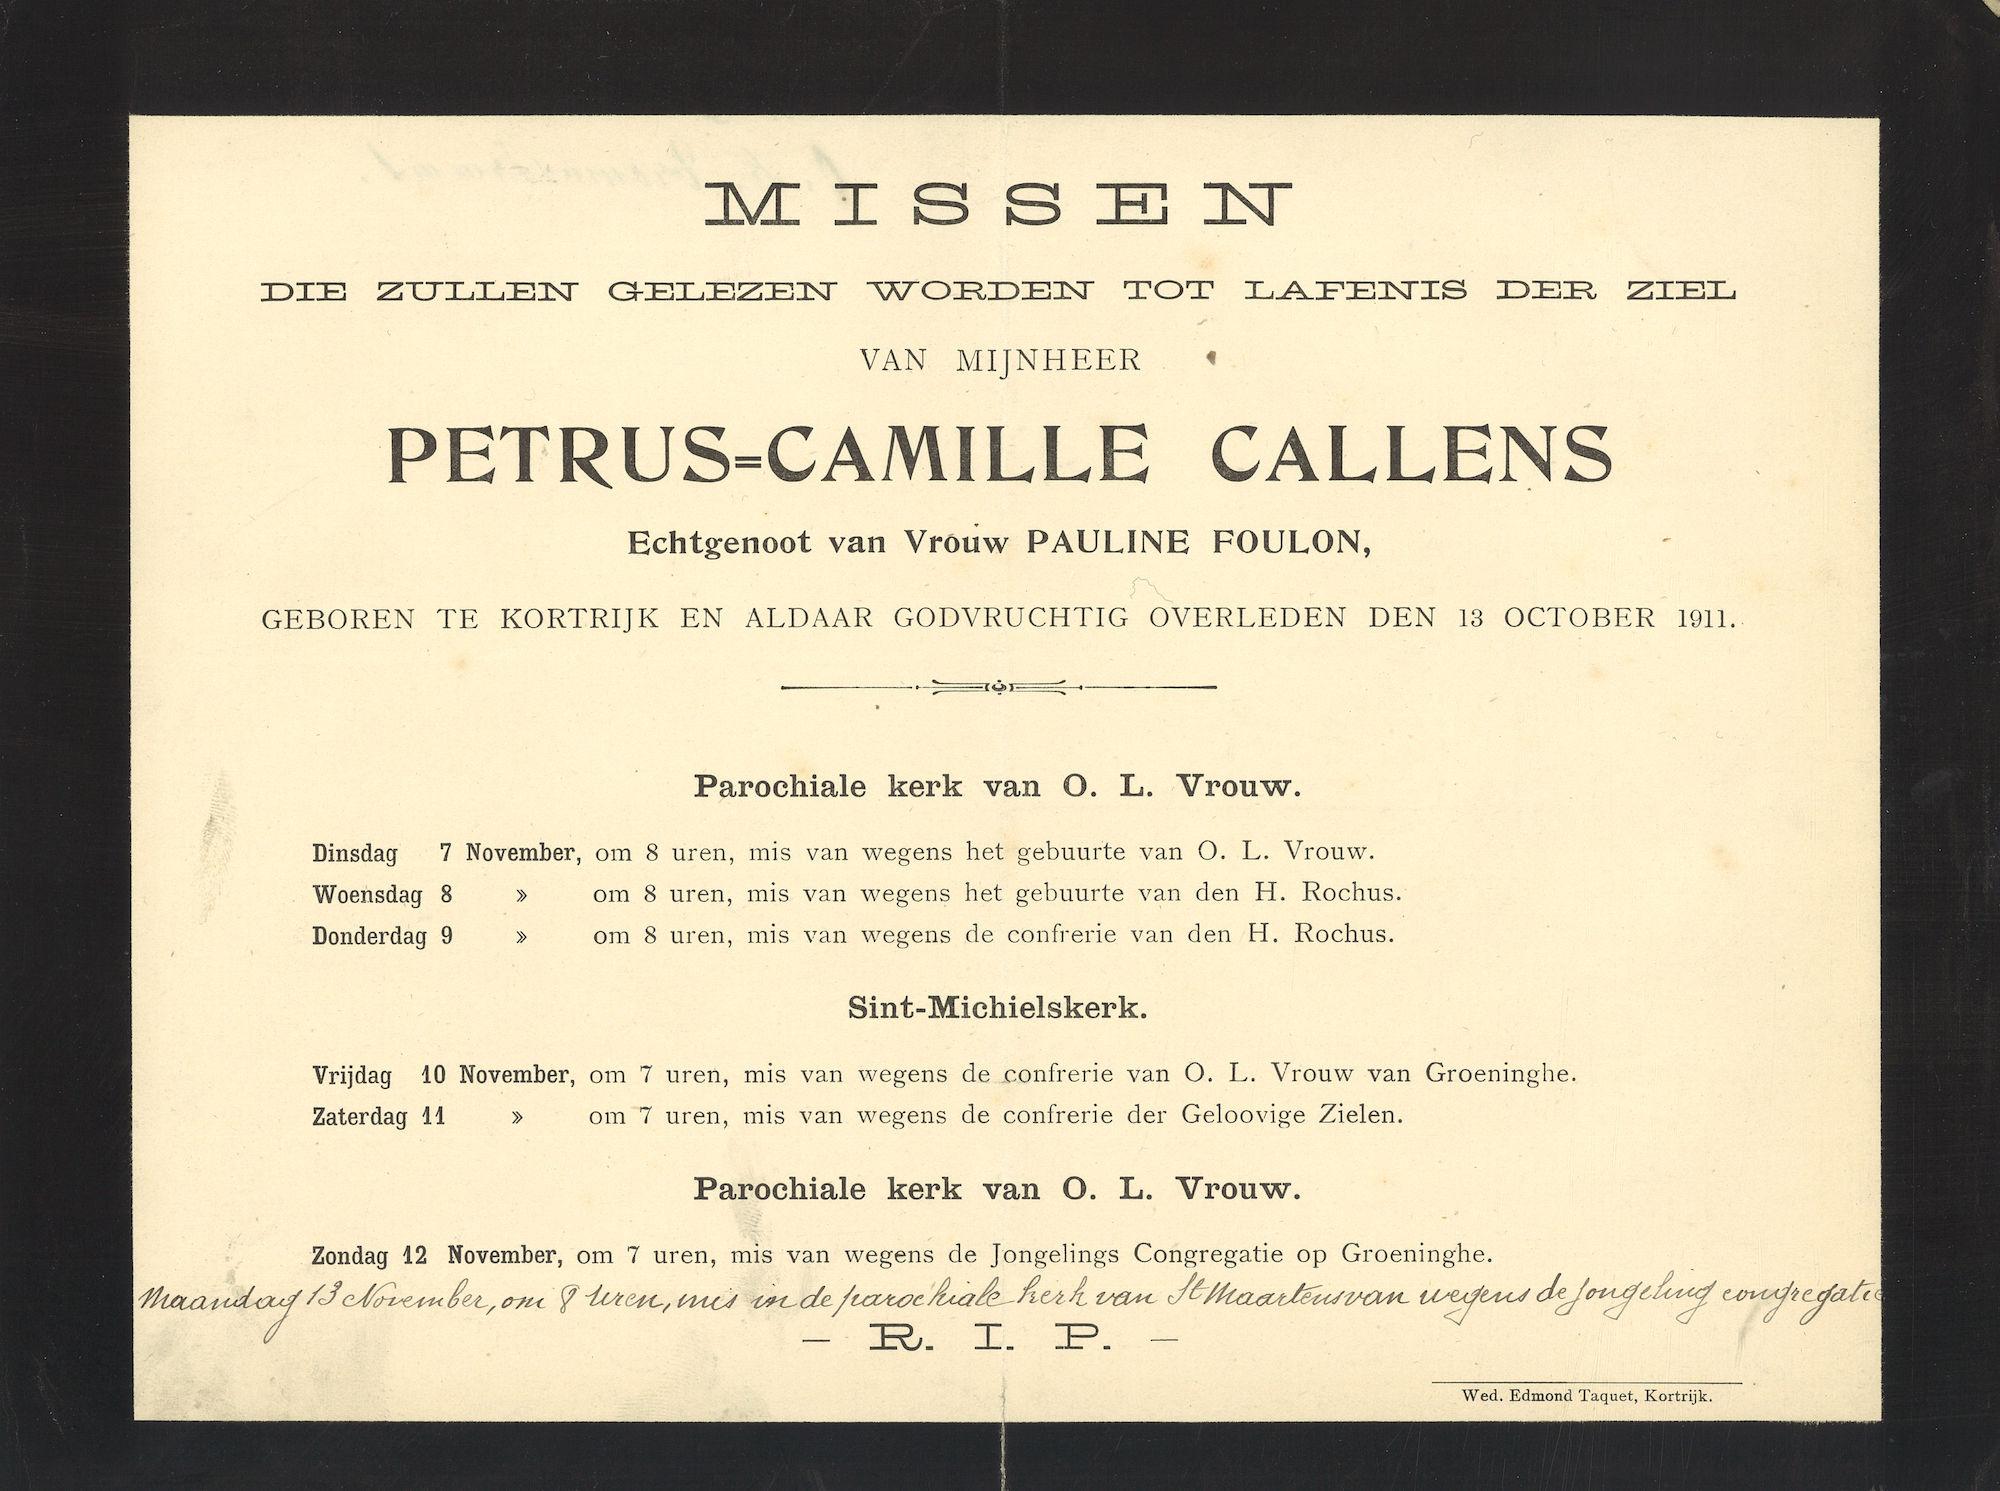 Callens Petrus-Camille